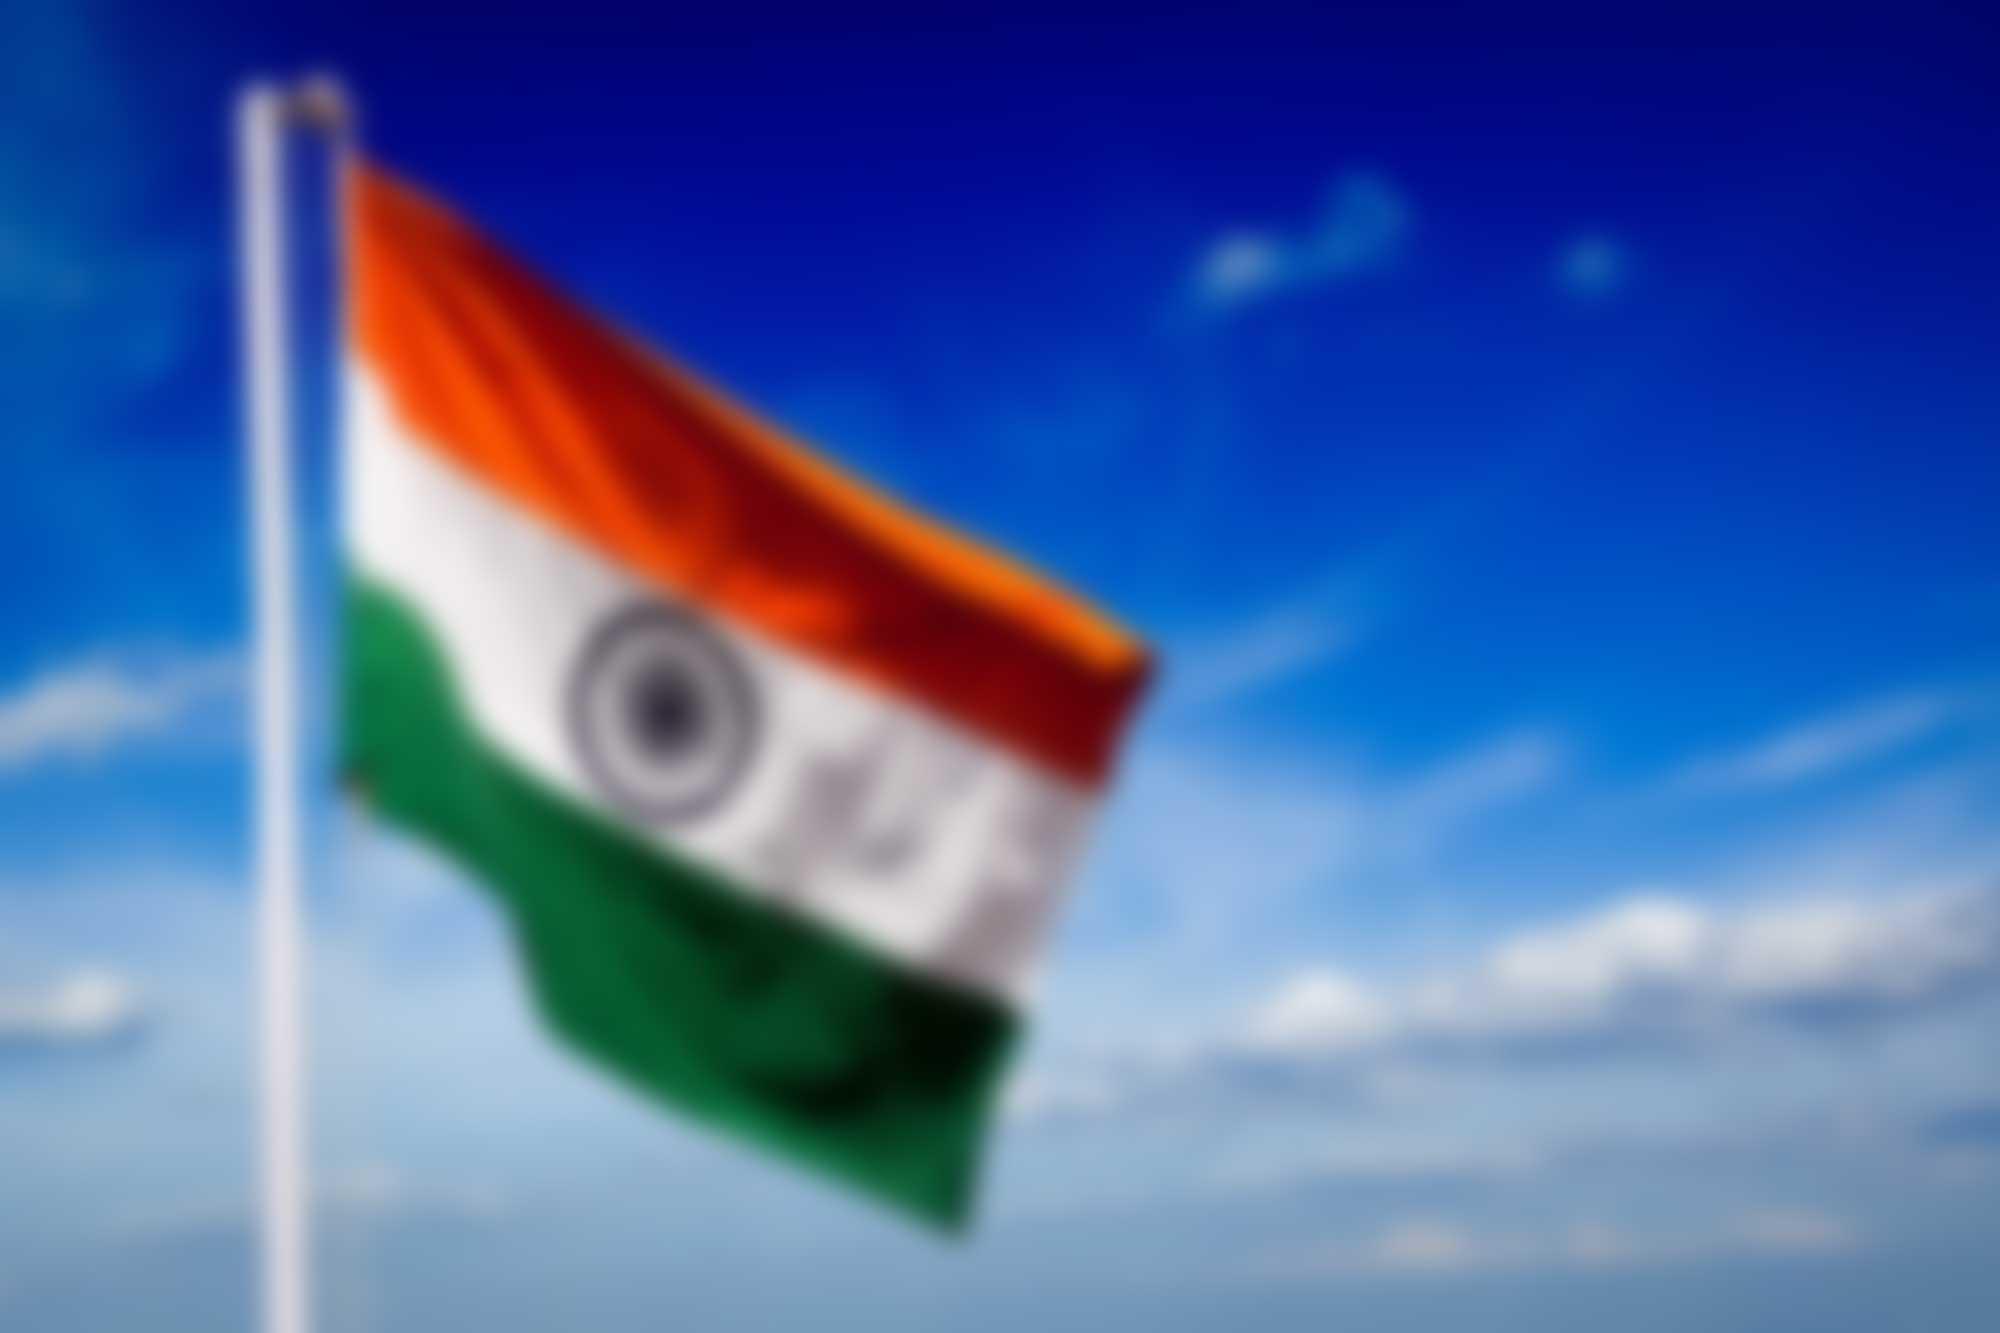 Indian Flag Photos Hd Wallpapers Download Free À¤ À¤°à¤¤ À¤ª À¤ªà¤² À¤¸ À¤¸ À¤¨